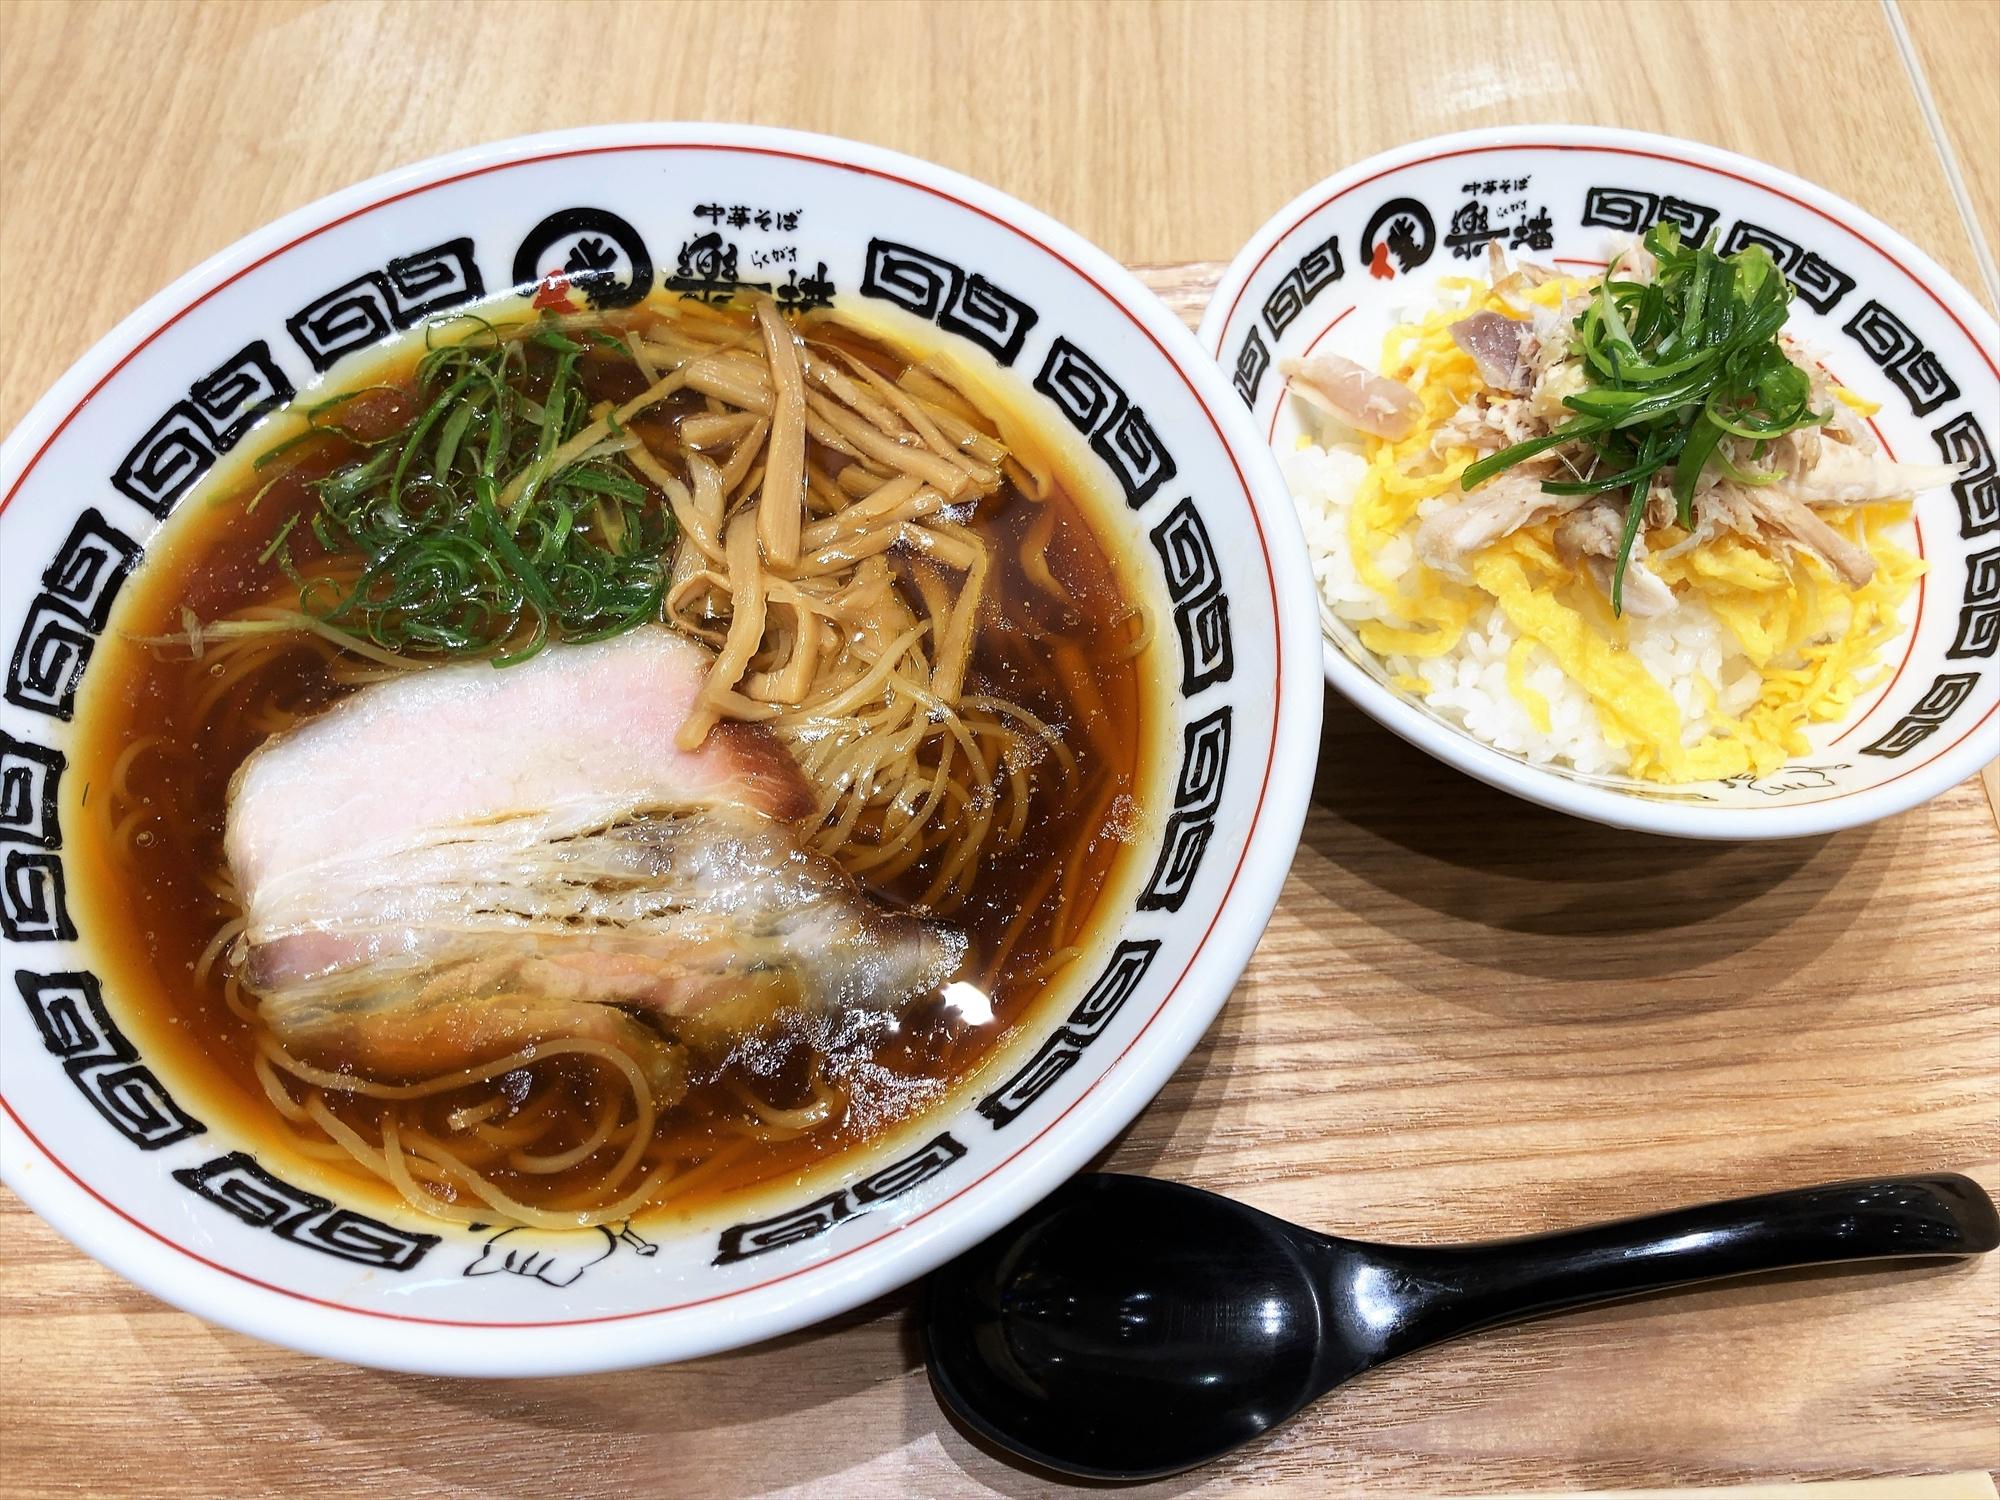 中華そば 楽描「浜北コーチン 中華そば しょうゆ+鶏飯」